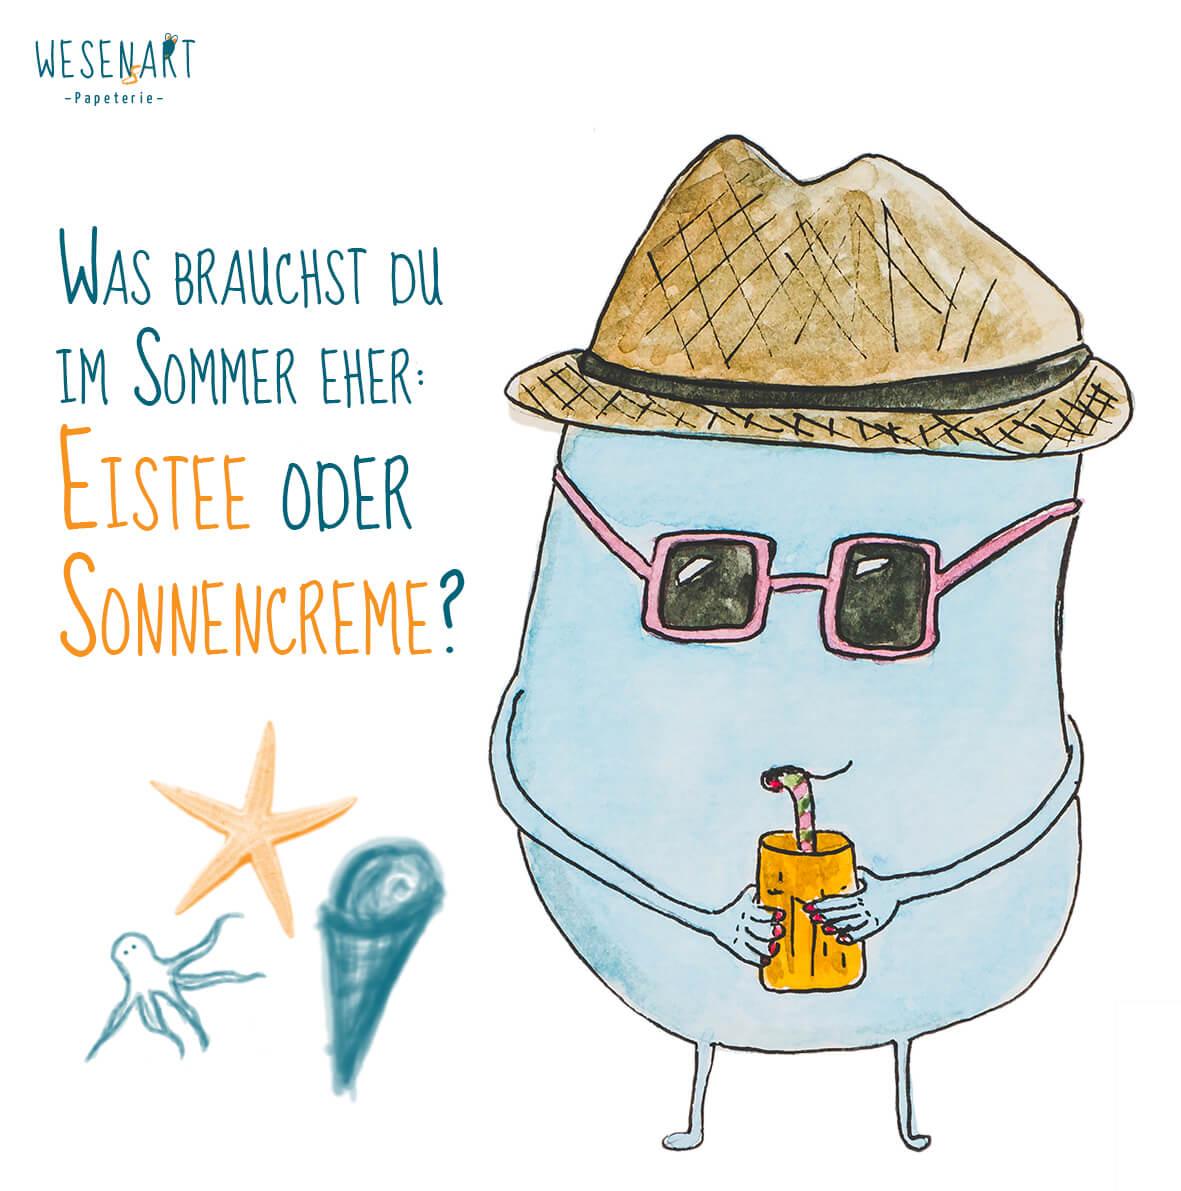 Mika, ein blaues Wesen, mit Sonnenhut, Sonnenbrille und Eistee in der Hand und der Frage »Was brauchst du im Sommrer eher: Eistee oder Sonnencreme?«